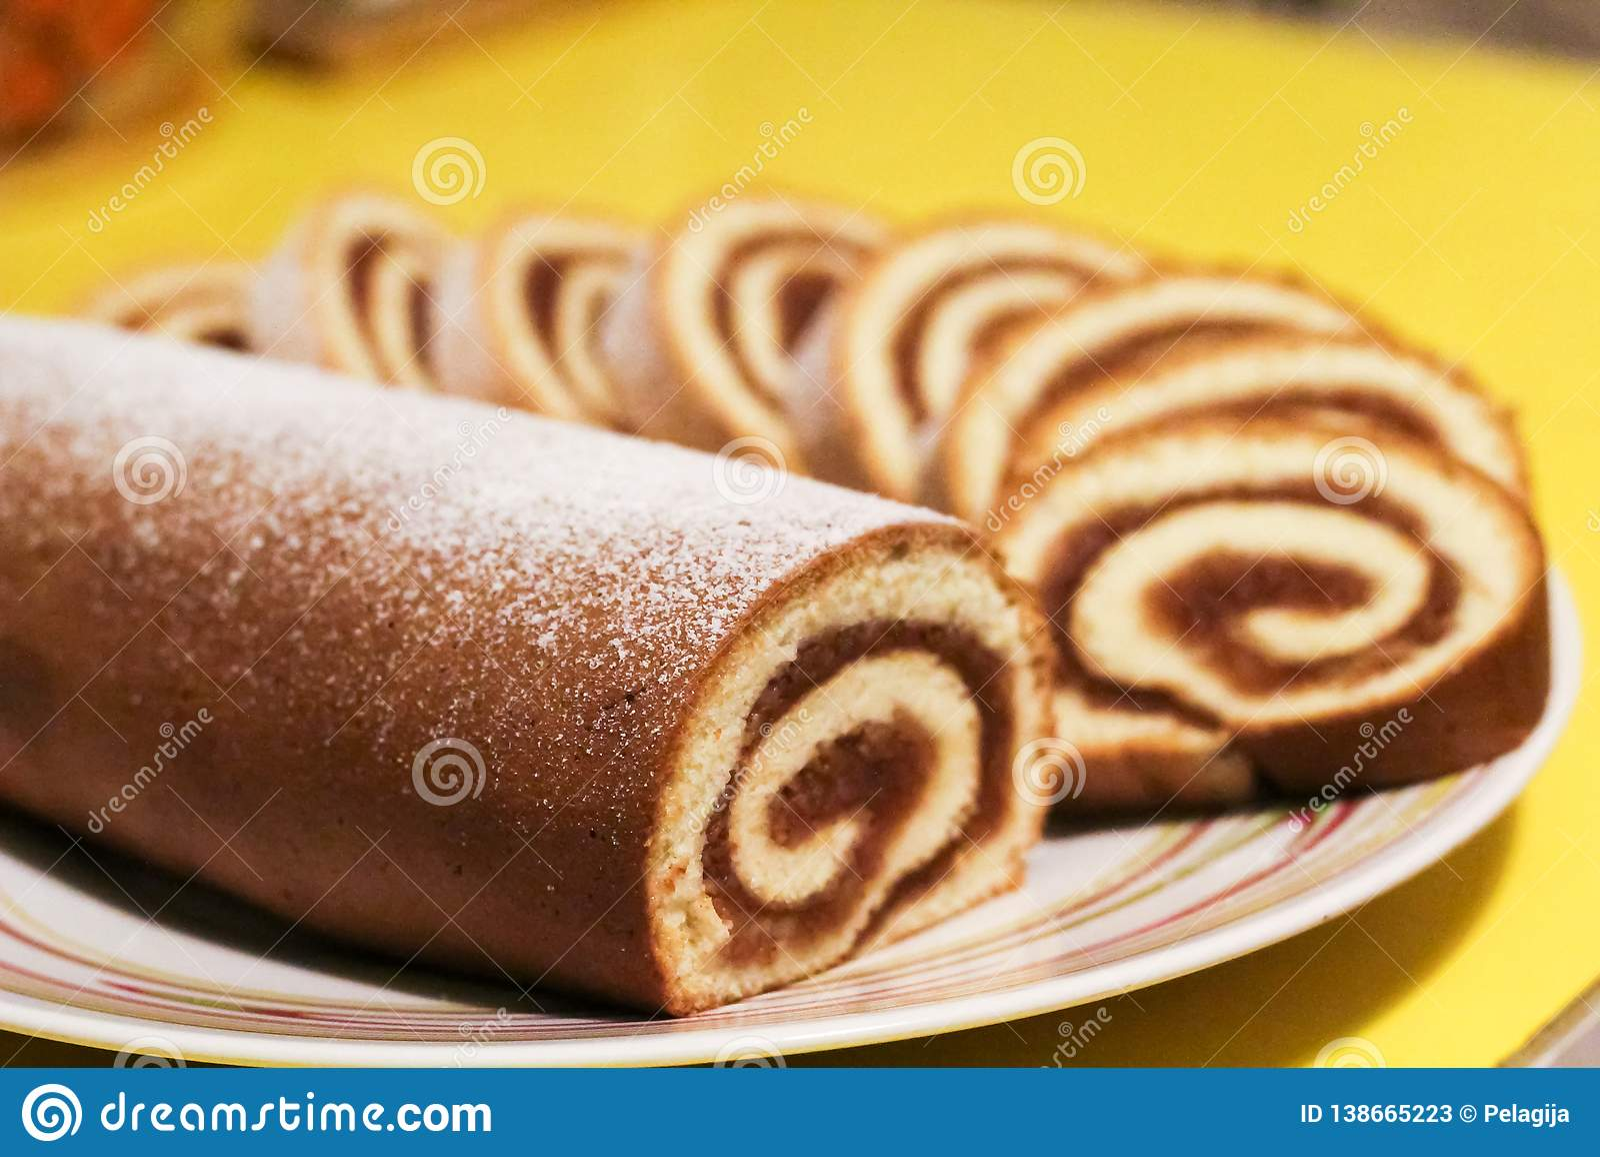 Petit pain de biscuit avec de la confiture de pomme sur un fond jaune